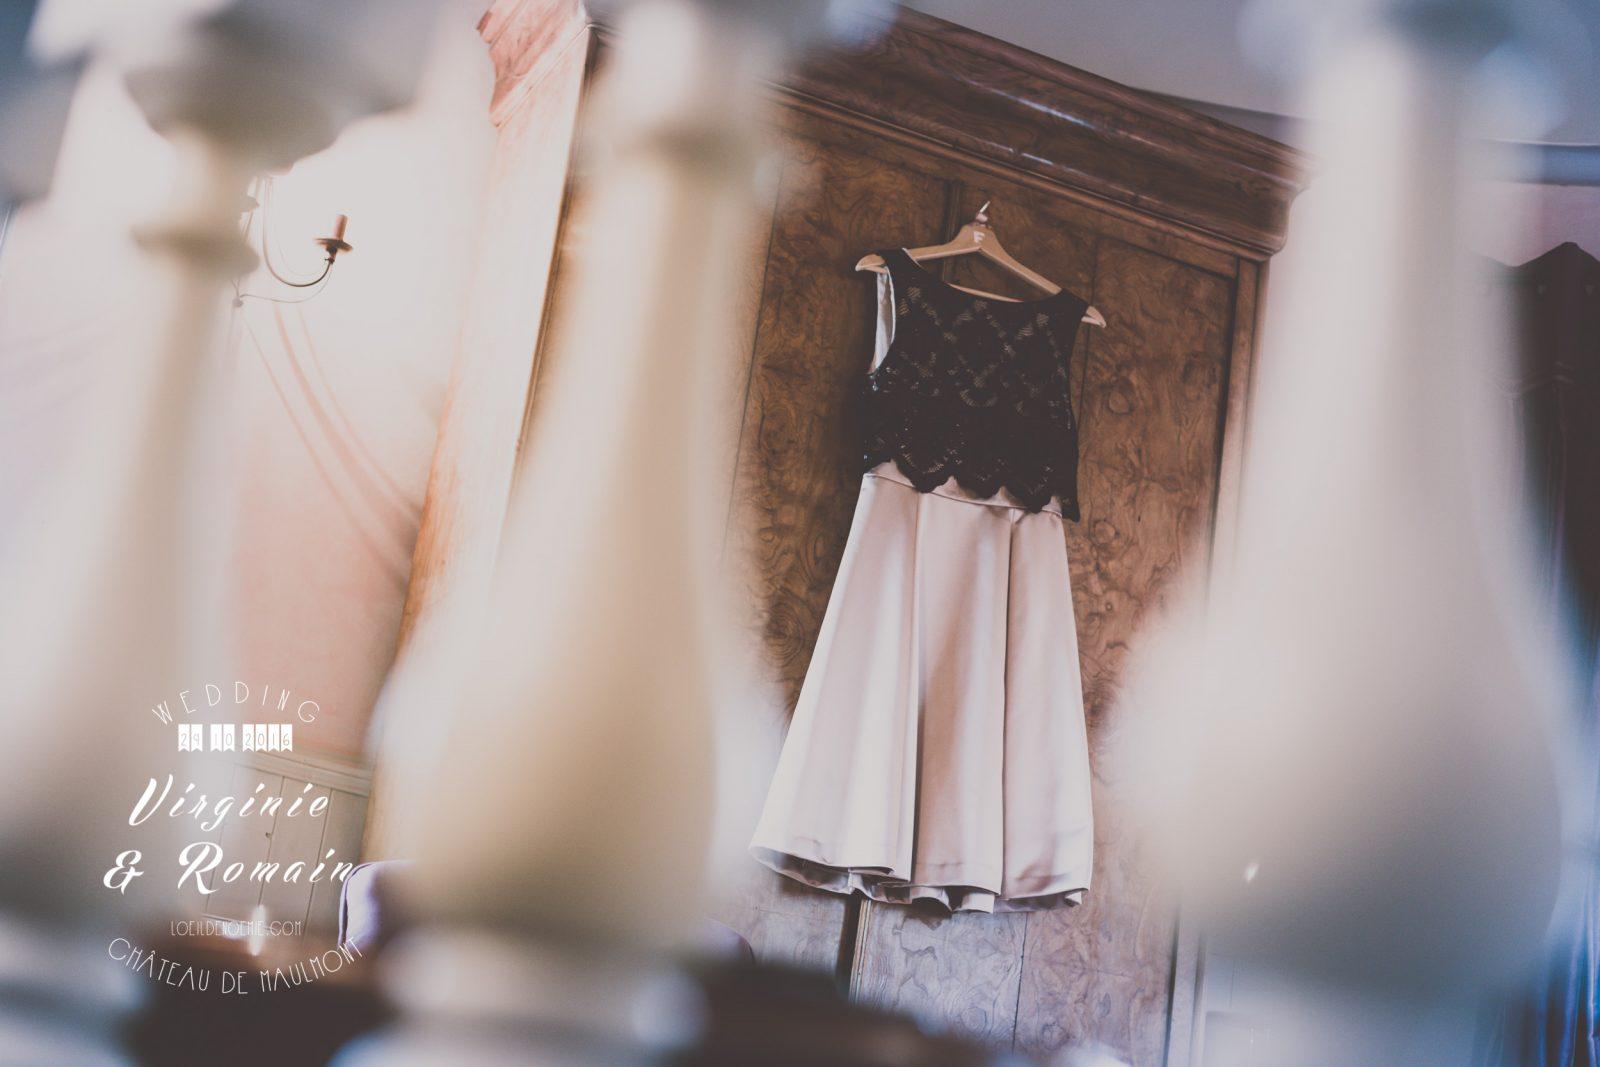 préparatifs de la mariée, château de Maulmont, oui je le veux, L'oeil de Noémie photographe mariage à Vichy en Auvergne